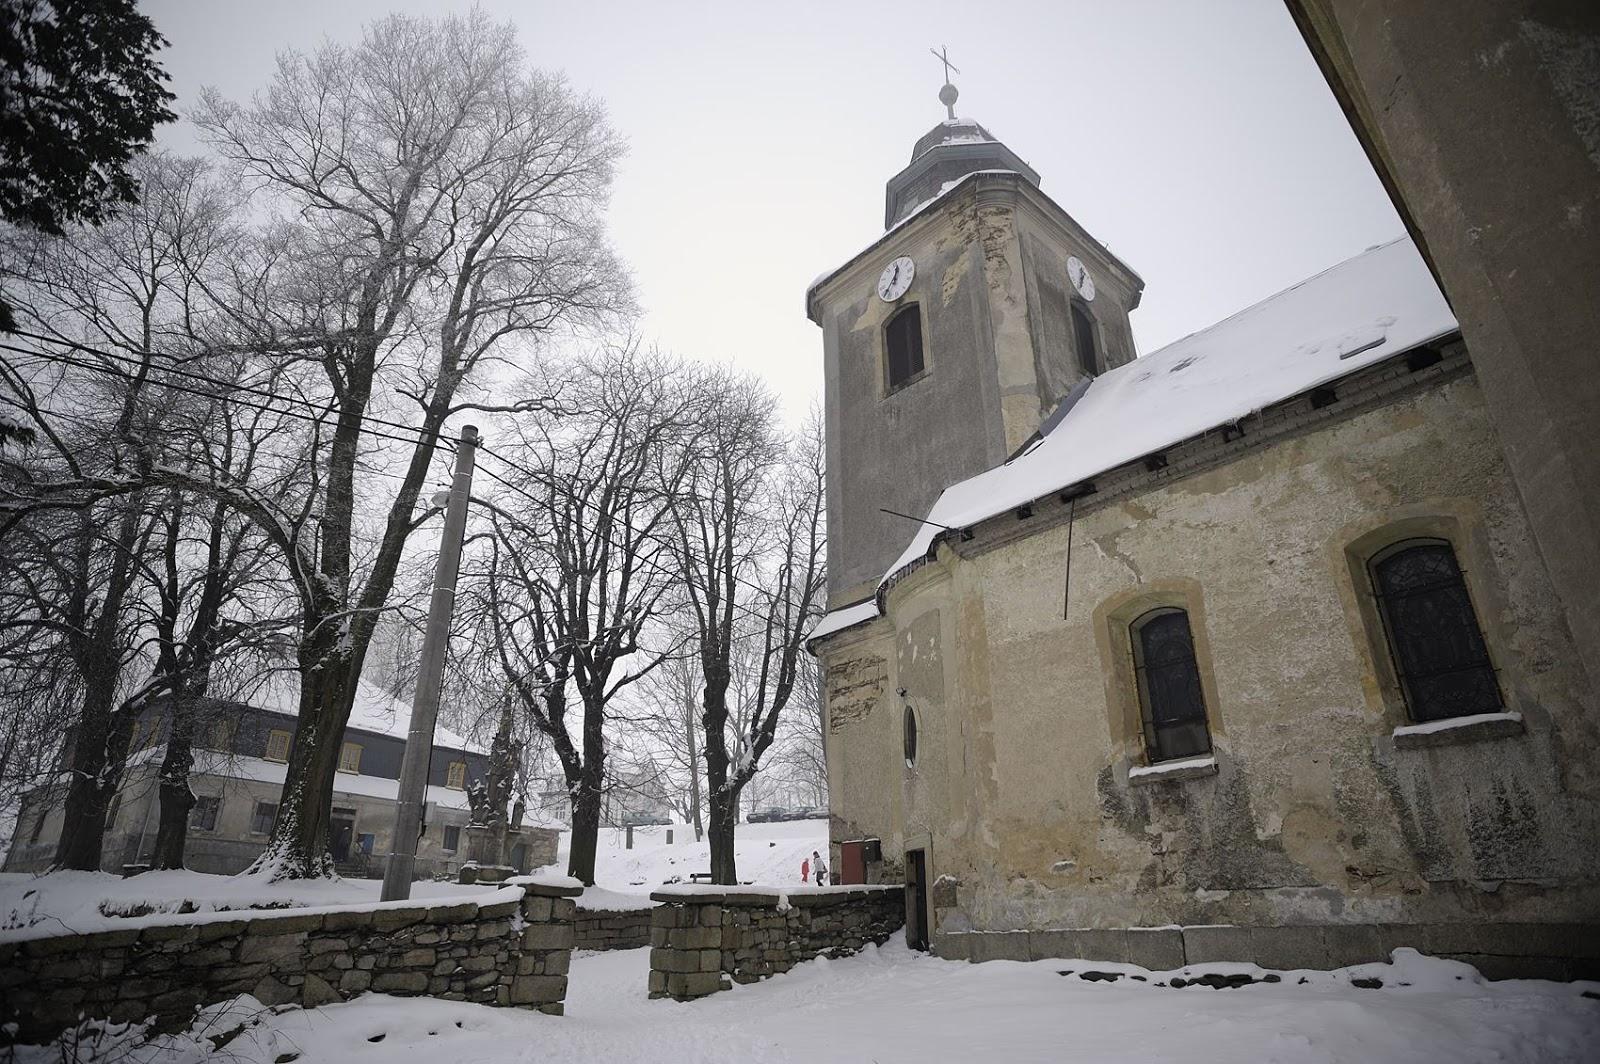 Kostel sv. Jakuba na Krásné, autor: Pavel Hála, 2010